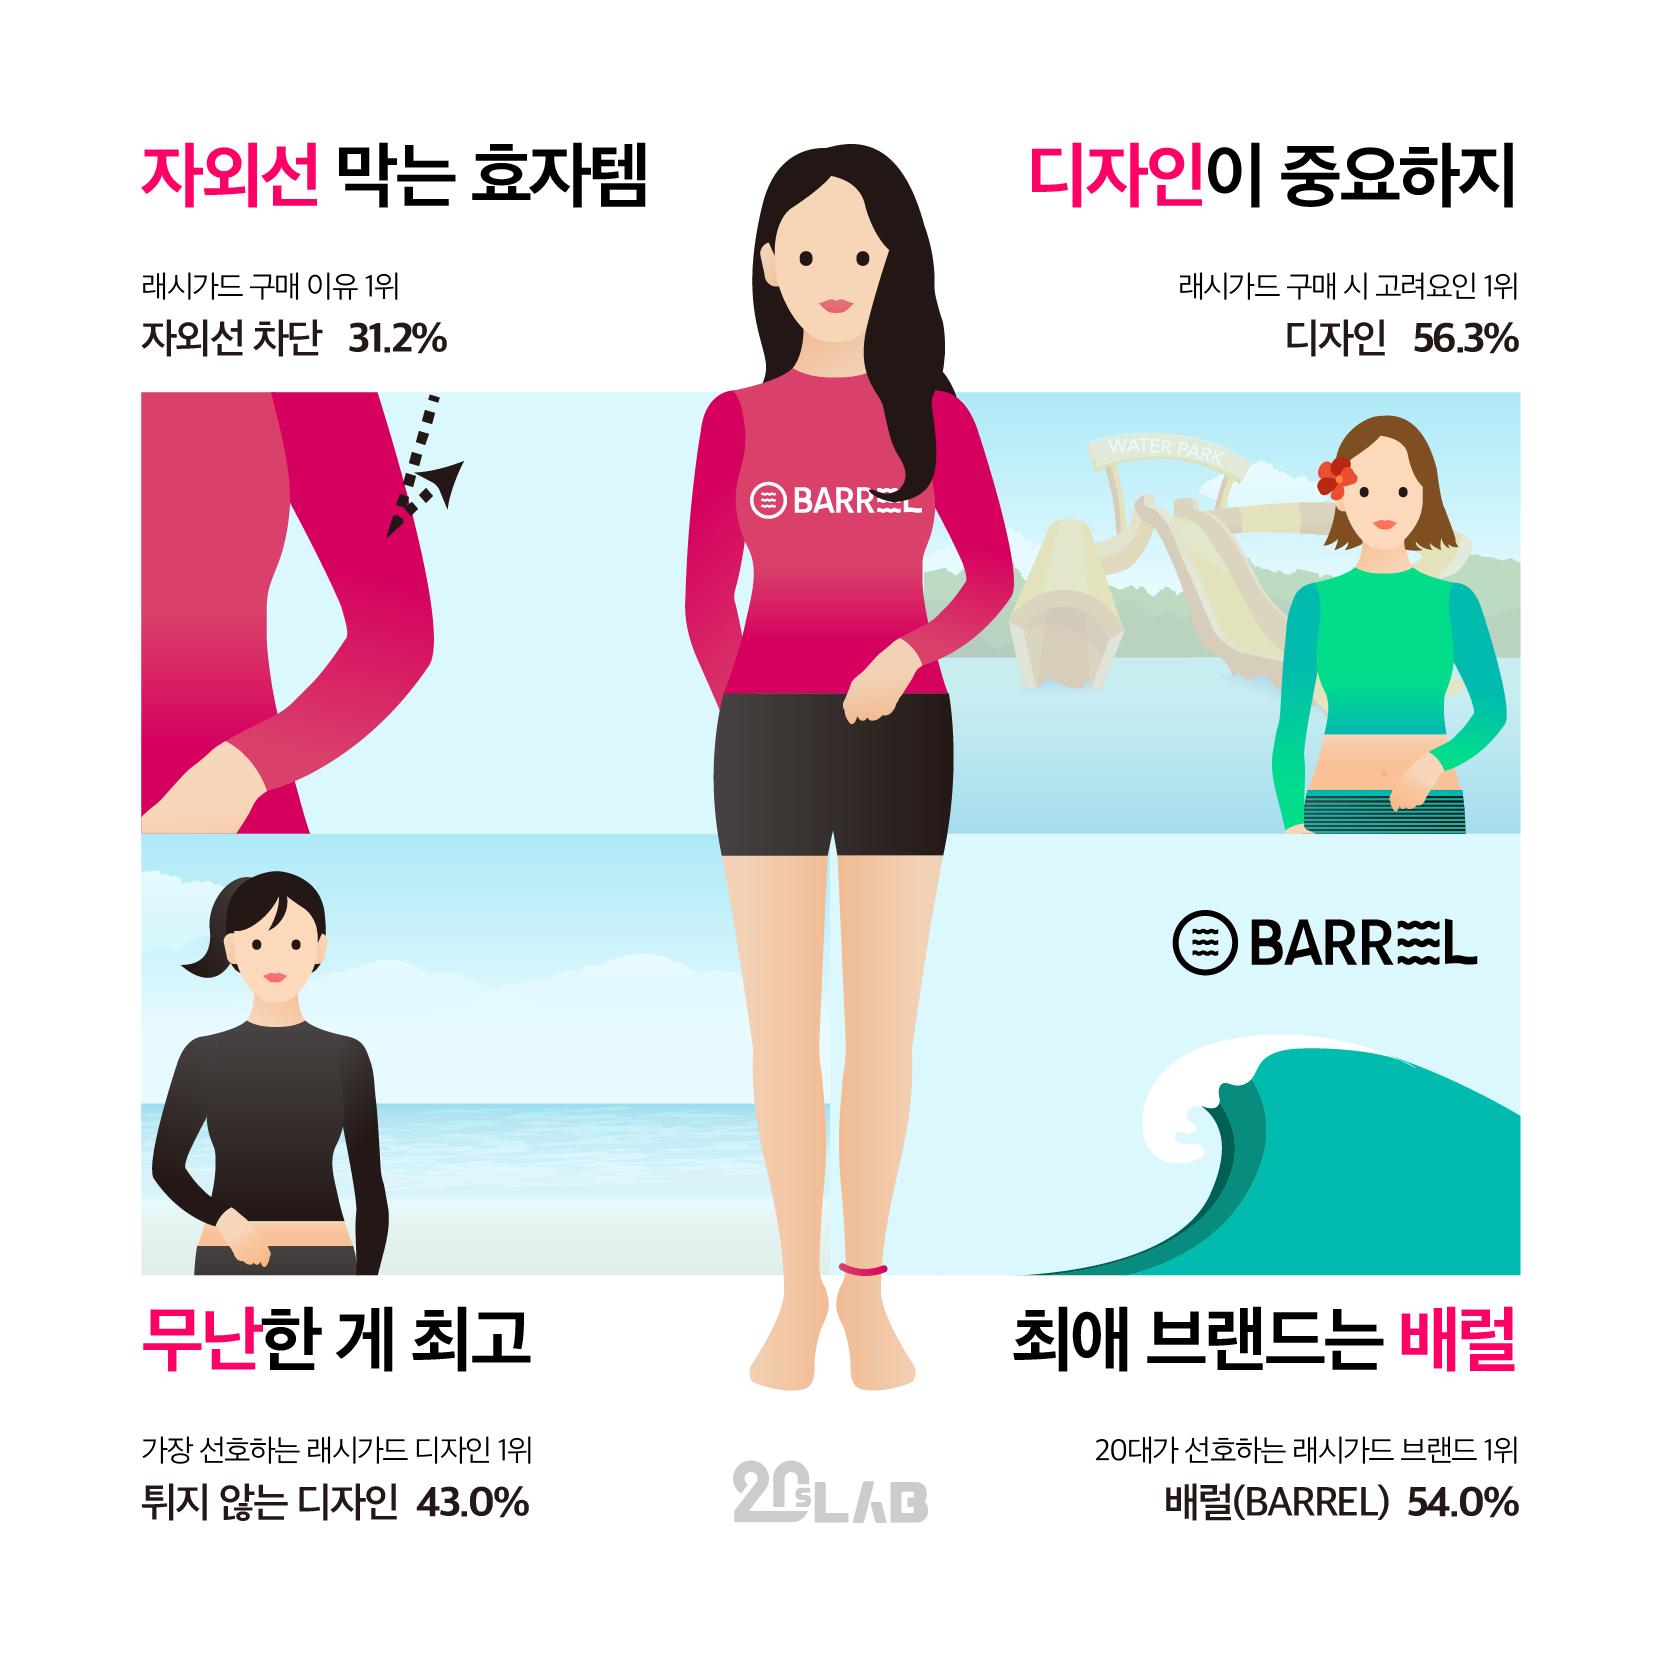 베럴콘텐츠_홈페이지업로드용